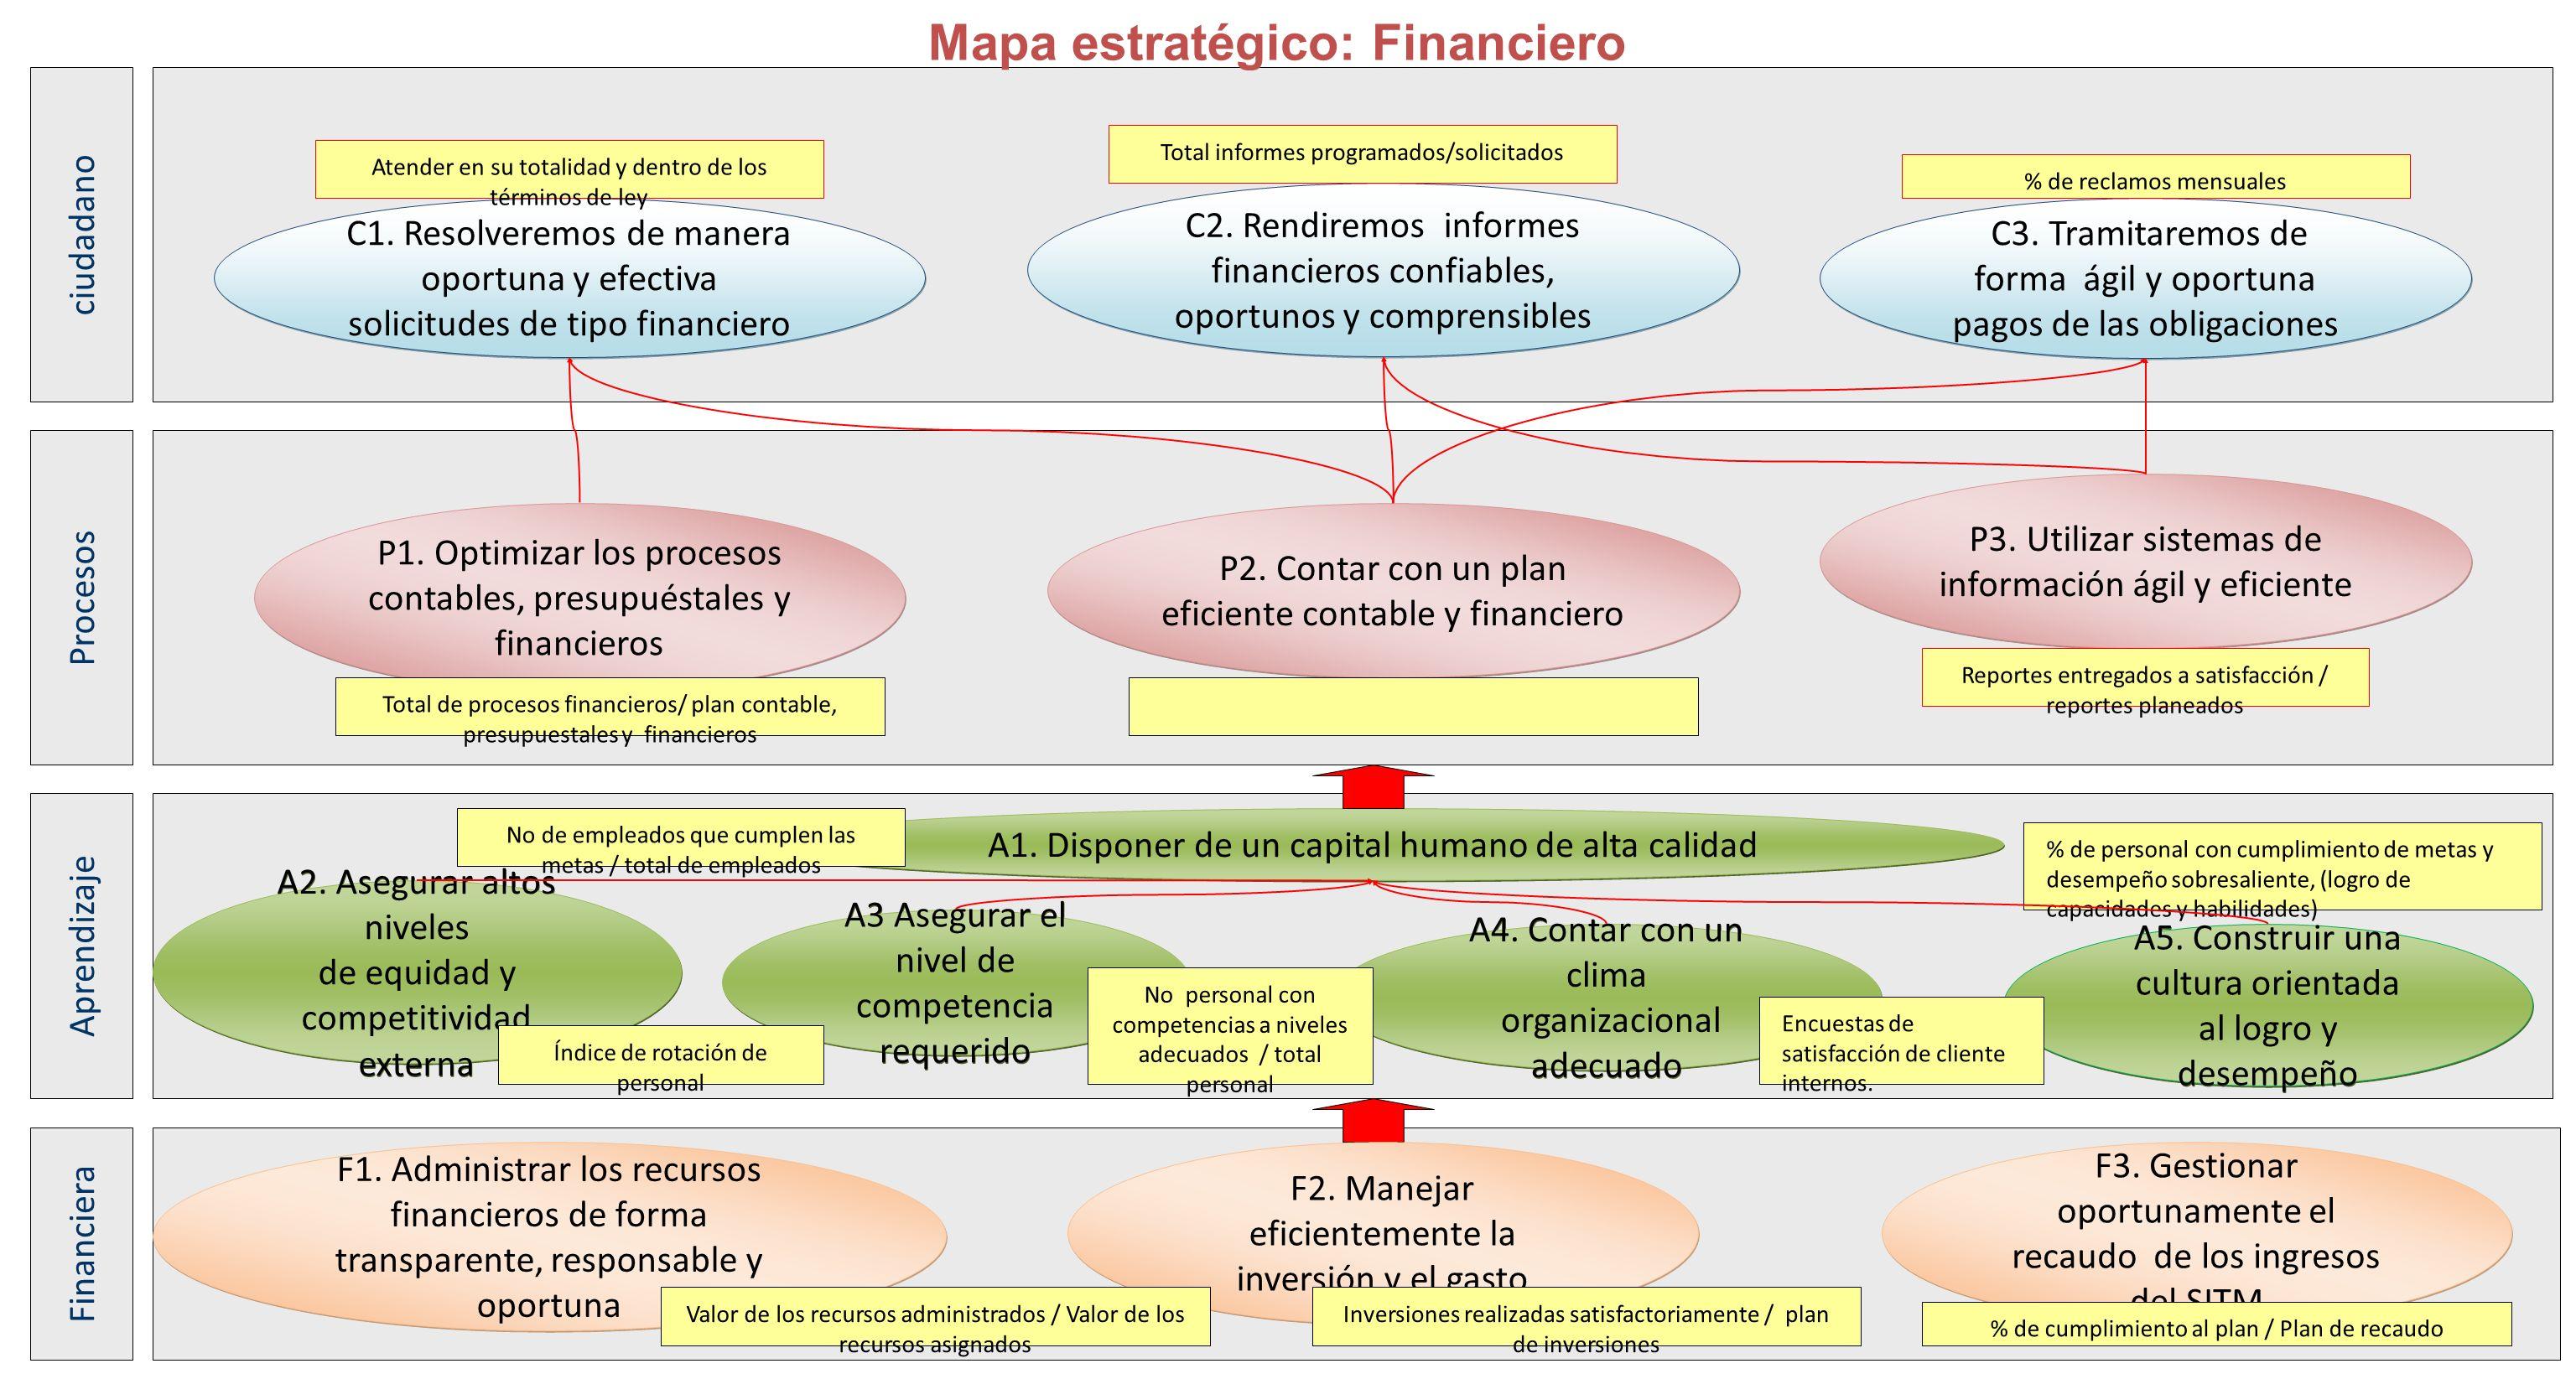 MACROPROCESO DE DIRECCIONAMIENTO ESTRATÉGICO ANÁLISIS ESTRATÉGICO DE LA INFORMACIÓN PLANEACIÓN ECONÓMICA Y SOCIAL PLANIFICACIÓN FÍSICA Y DEL ORDENAMIENTO TERRITORIAL MEJORA CONTINUA PLANEACIÓN INSTITUCIONAL PLANEACIÓN PROSPECTIVA MACROPROCESO DE DIRECCIONAMIENTO ESTRATEGICO Objetivo:Determinar las estrategias y las acciones a seguir por la Administración Central del Municipio, que contribuyan al desarrollo integral, sostenible y competitivo del Municipio de Santiago de Cali.